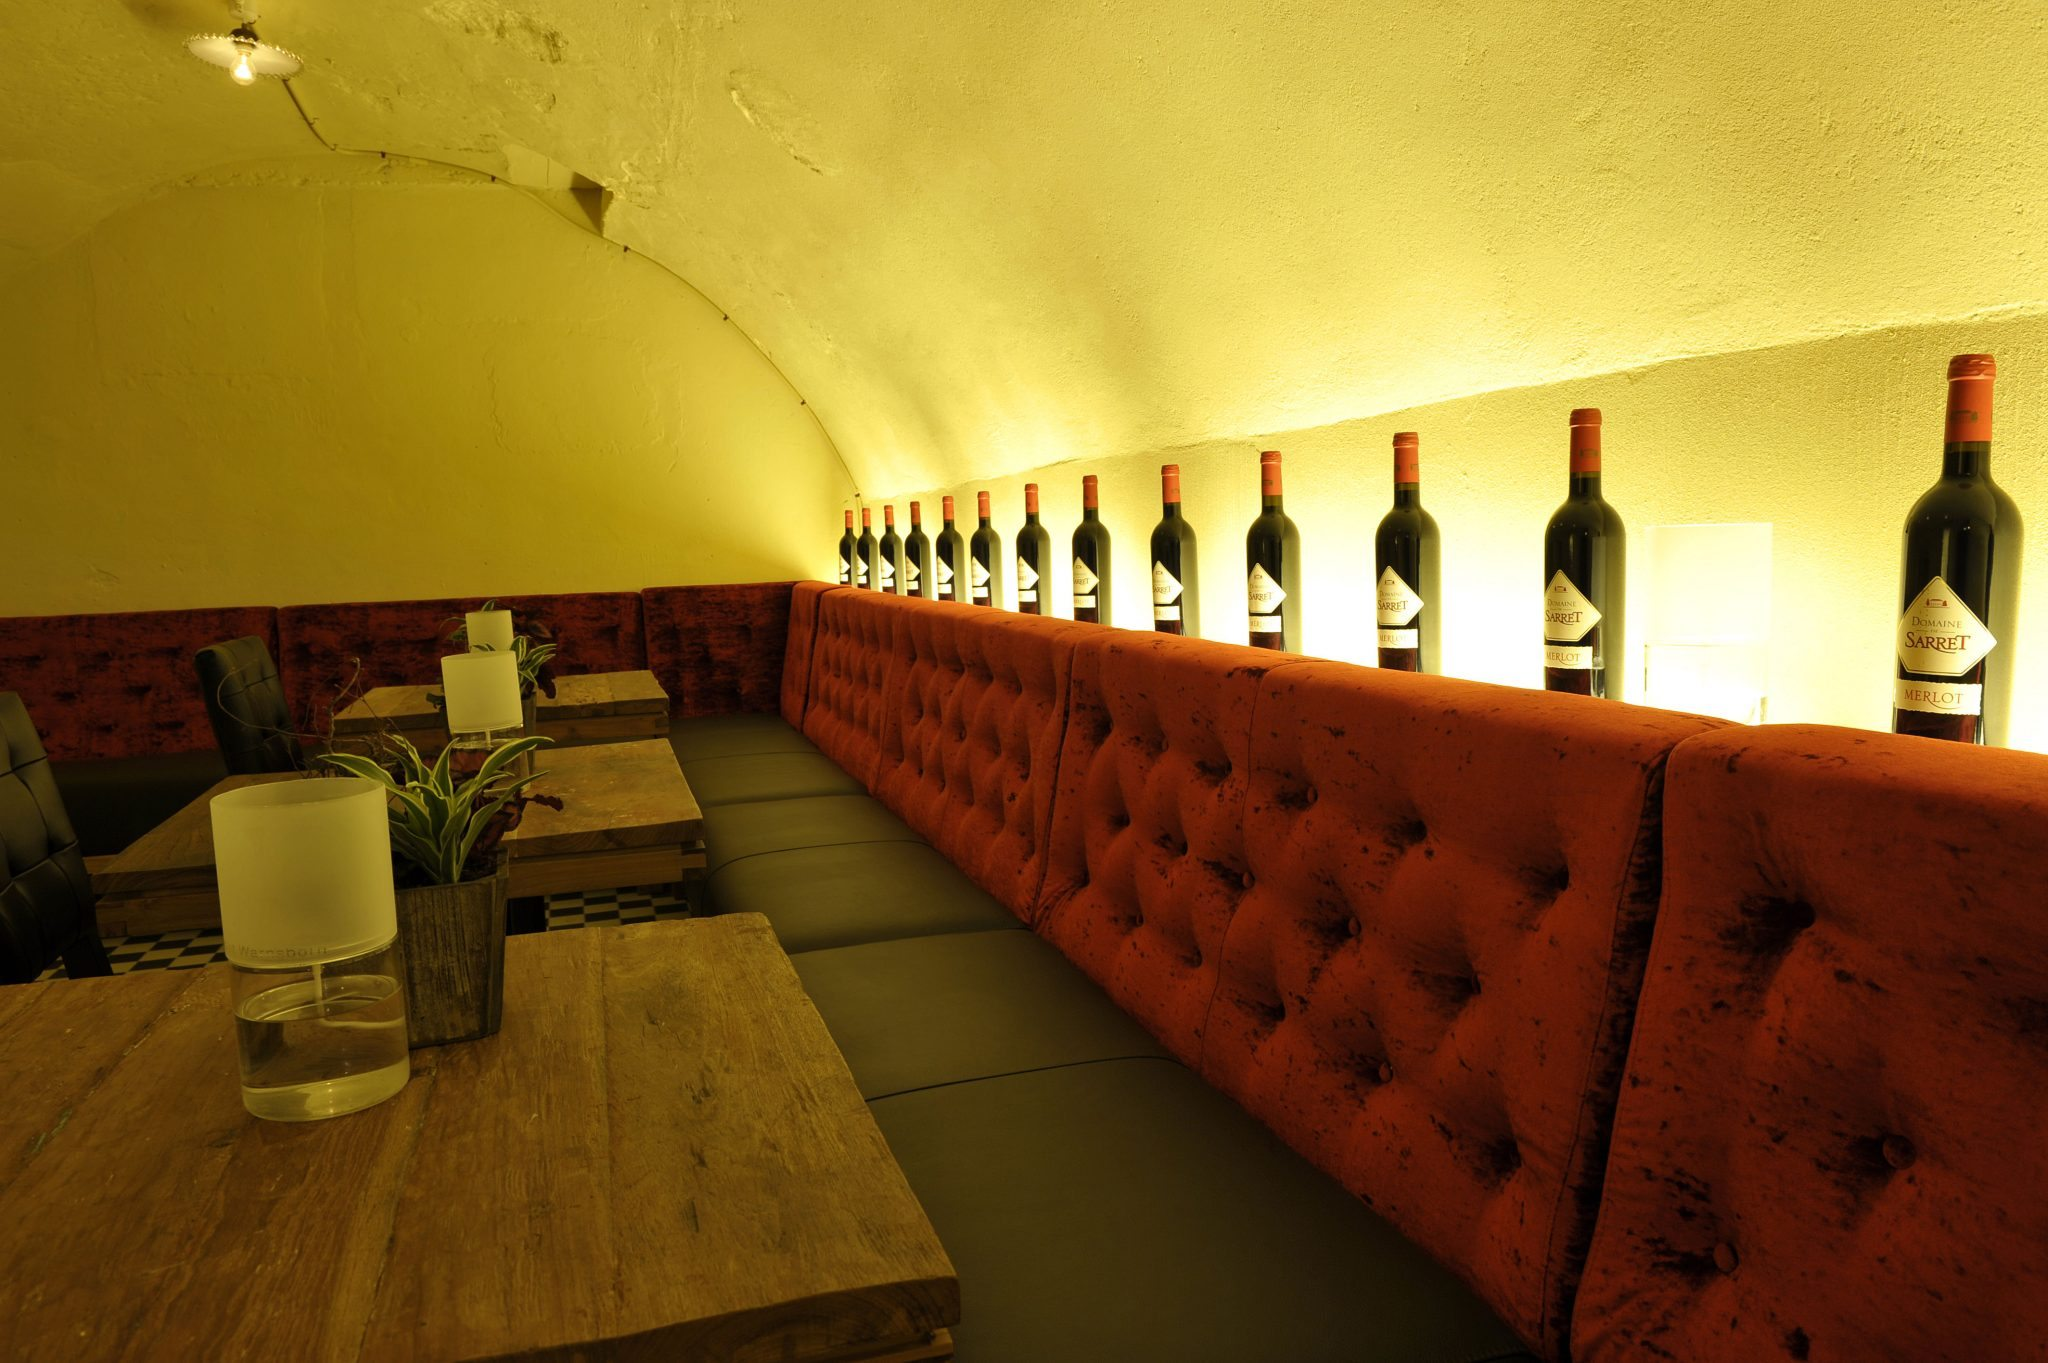 landgoed-groot-warnsborn-wijnkelder